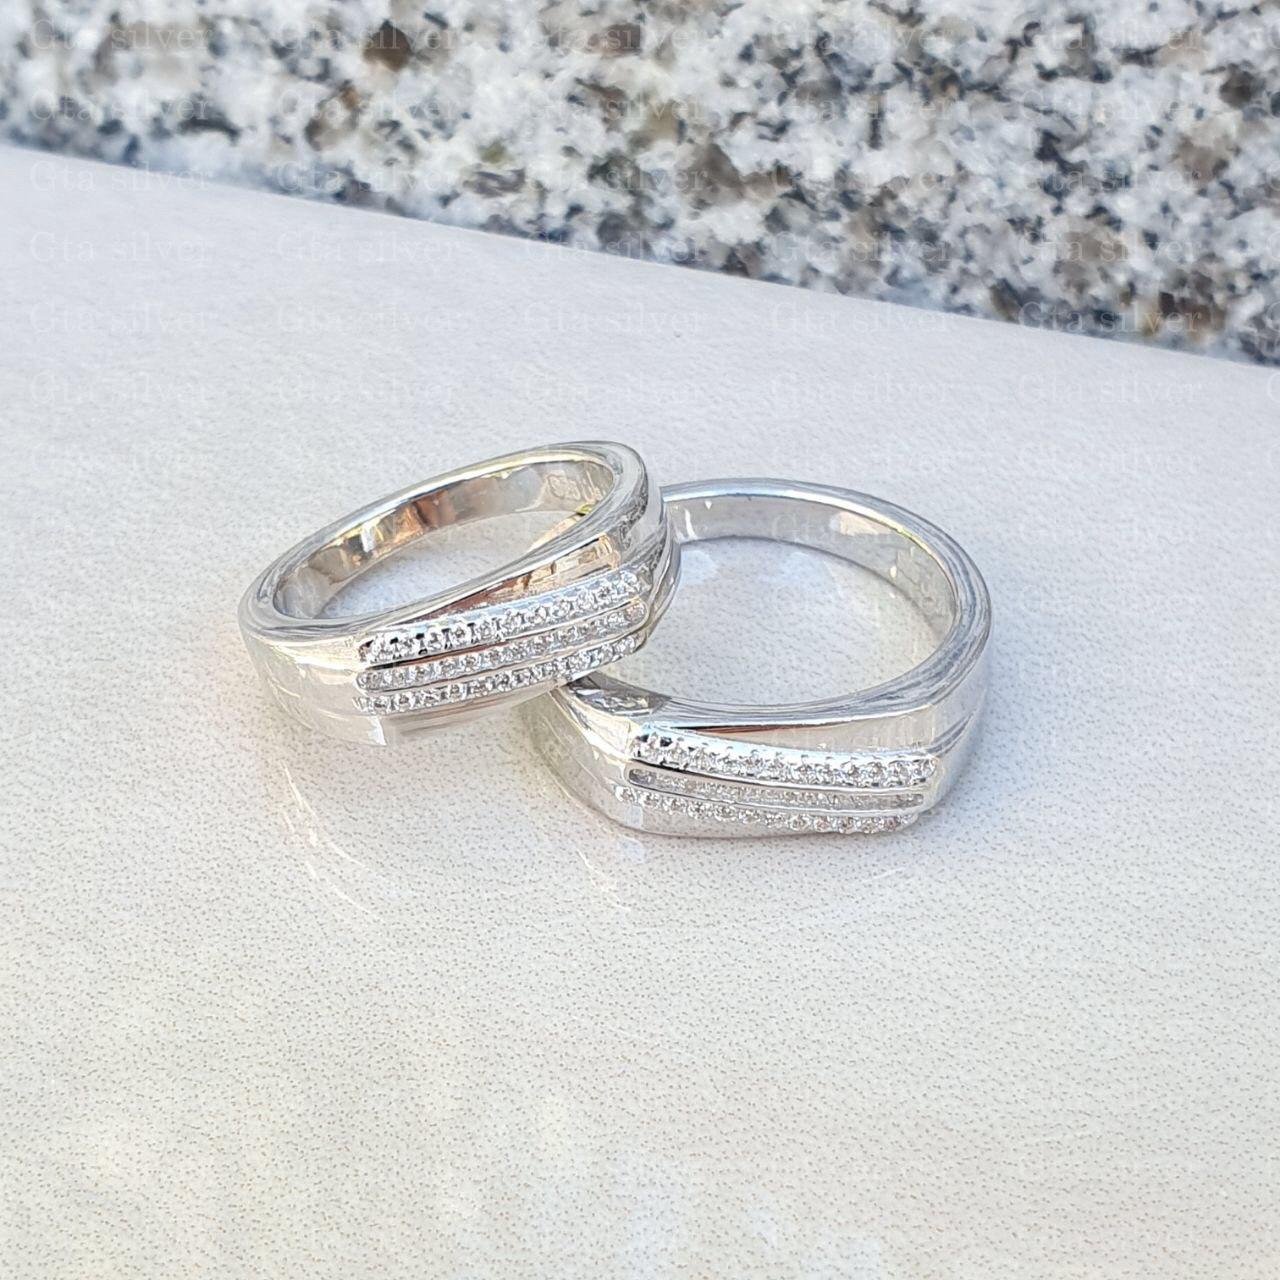 ست حلقه ازدواج وزن 10.5 گرم مدل 31